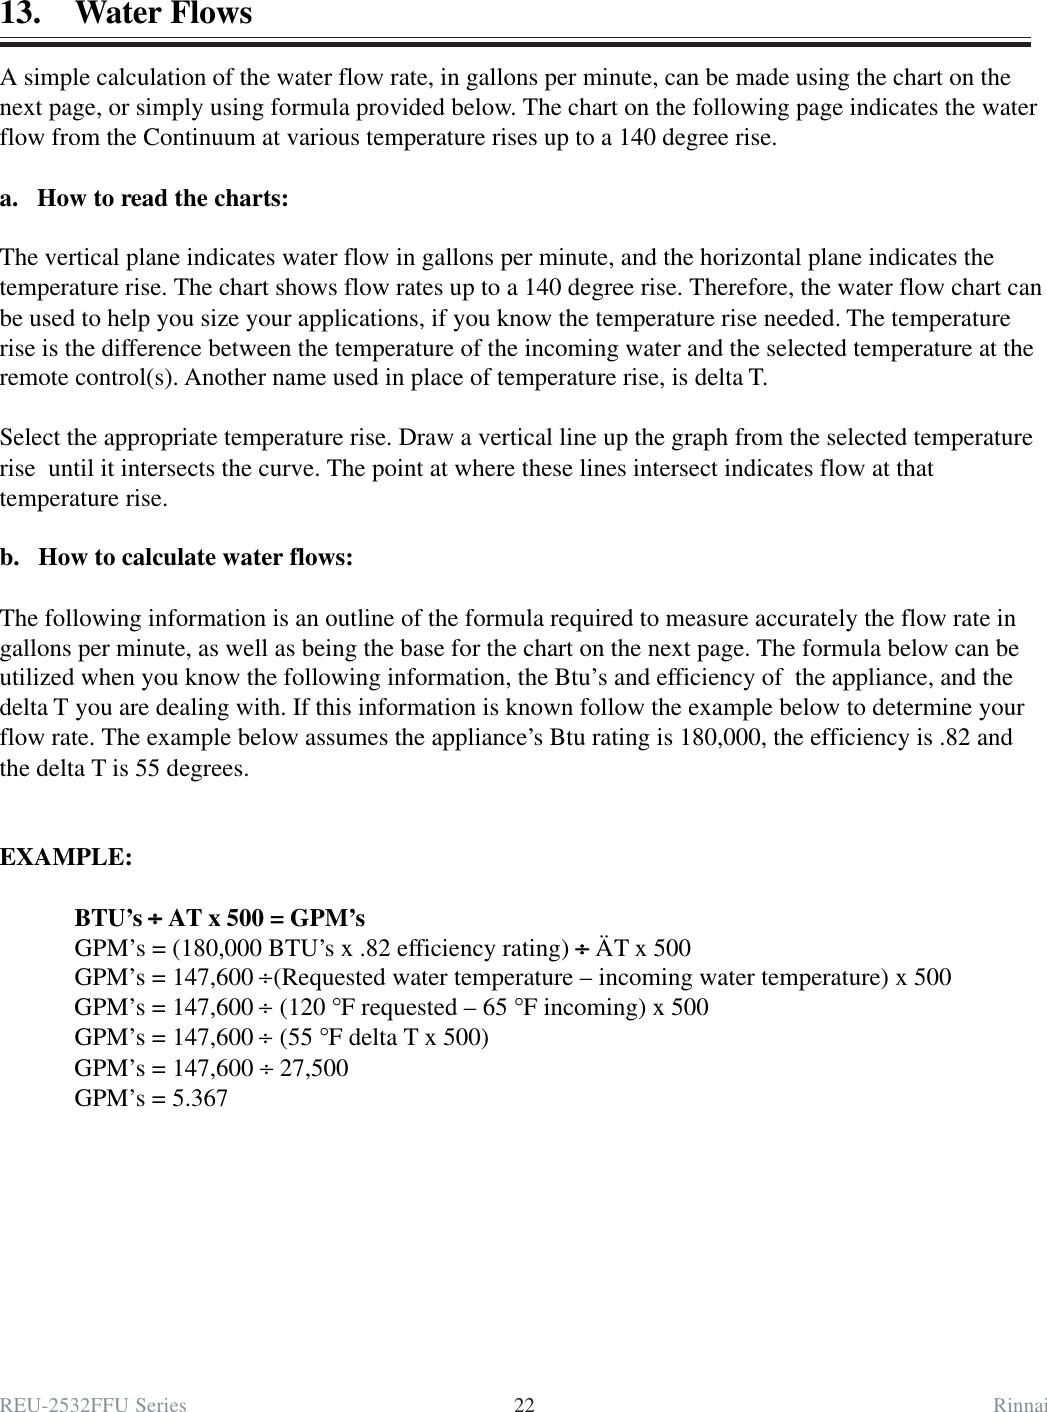 REU 2532 FFU Service Manual 08 21 03 pmd Rinnai